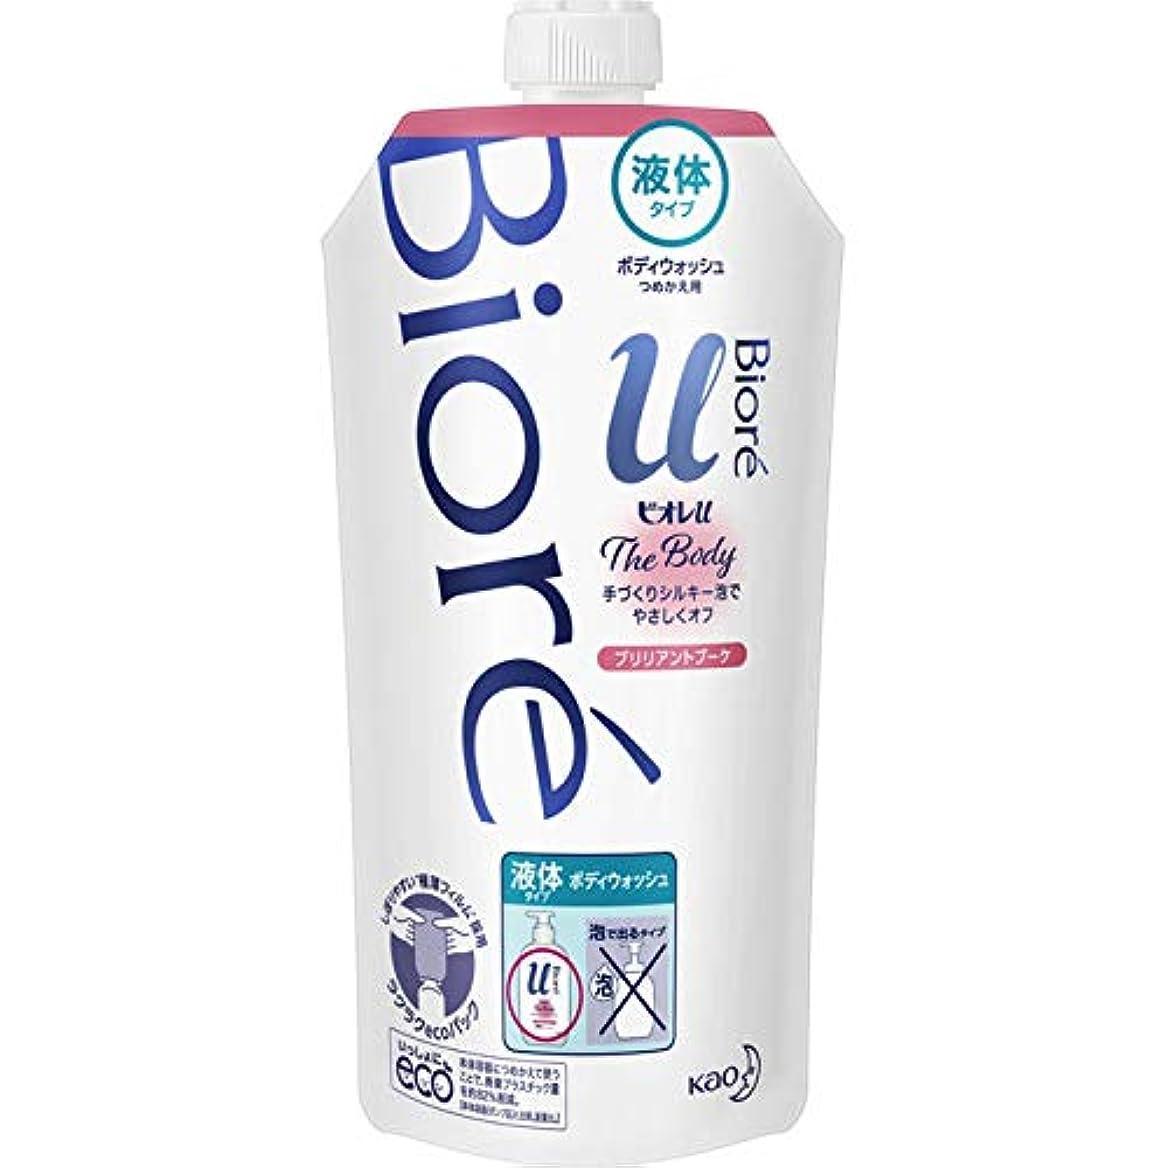 笑腐った保持花王 ビオレu ザ ボディ液体ブリリアントブーケの香り 詰替え用 340ml